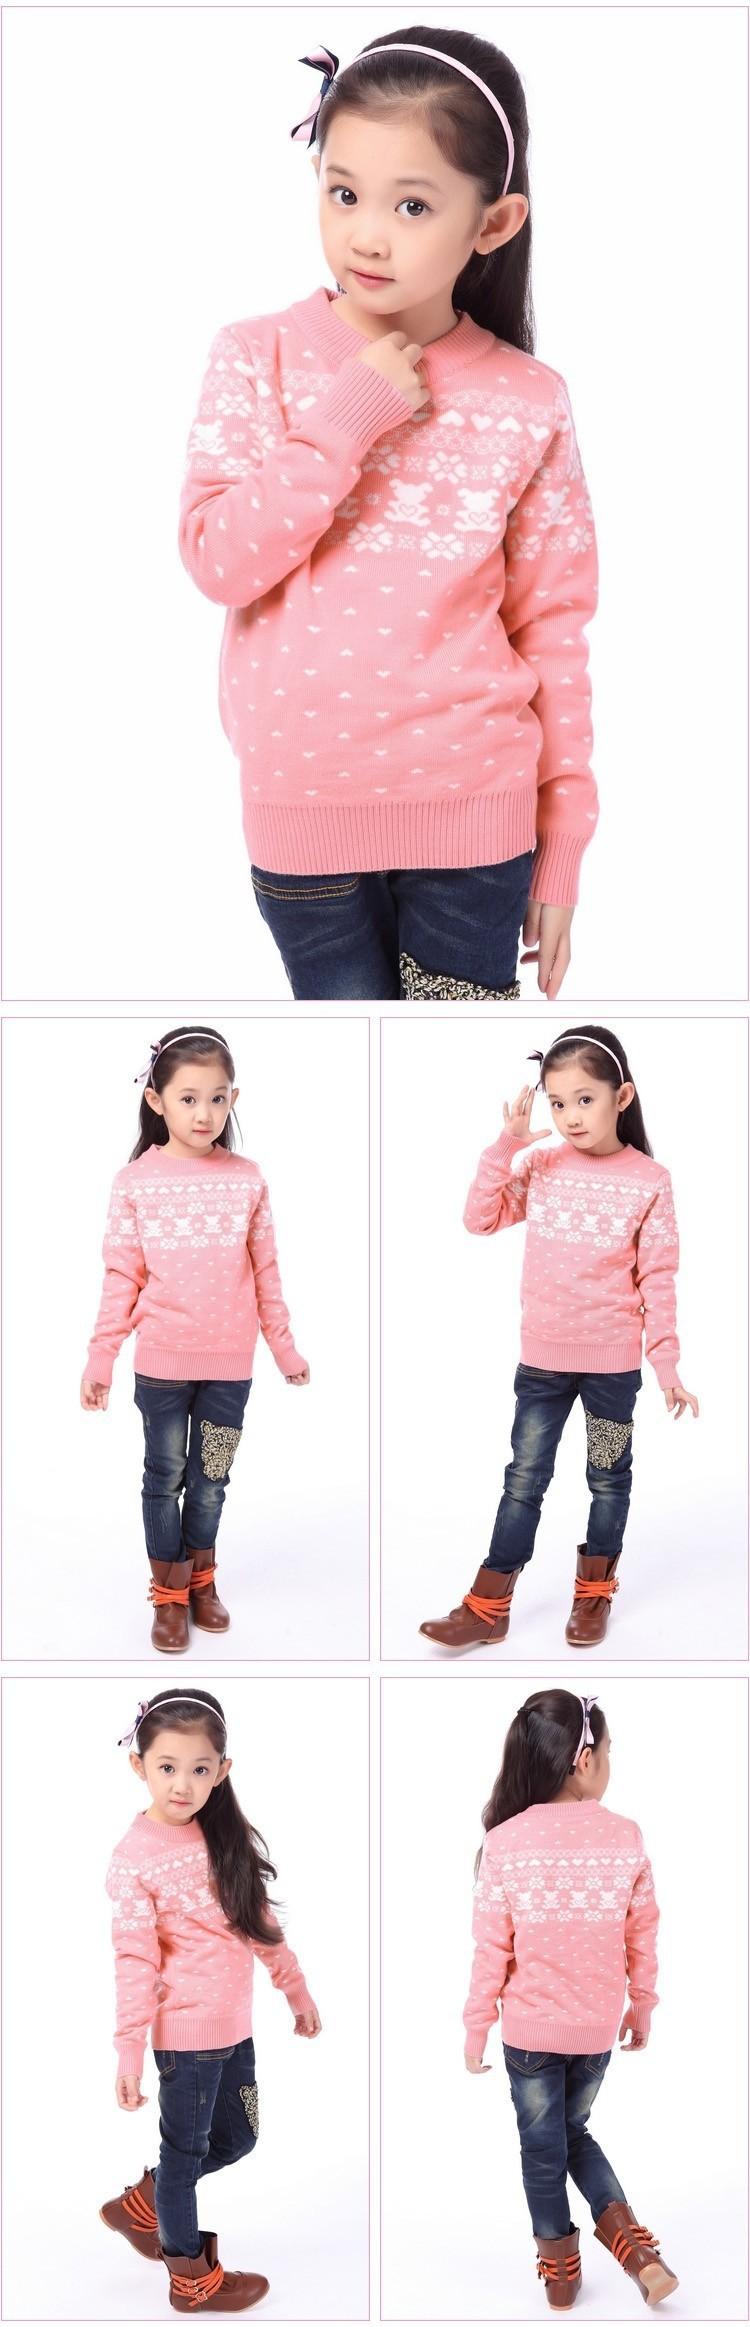 girl sweater-12